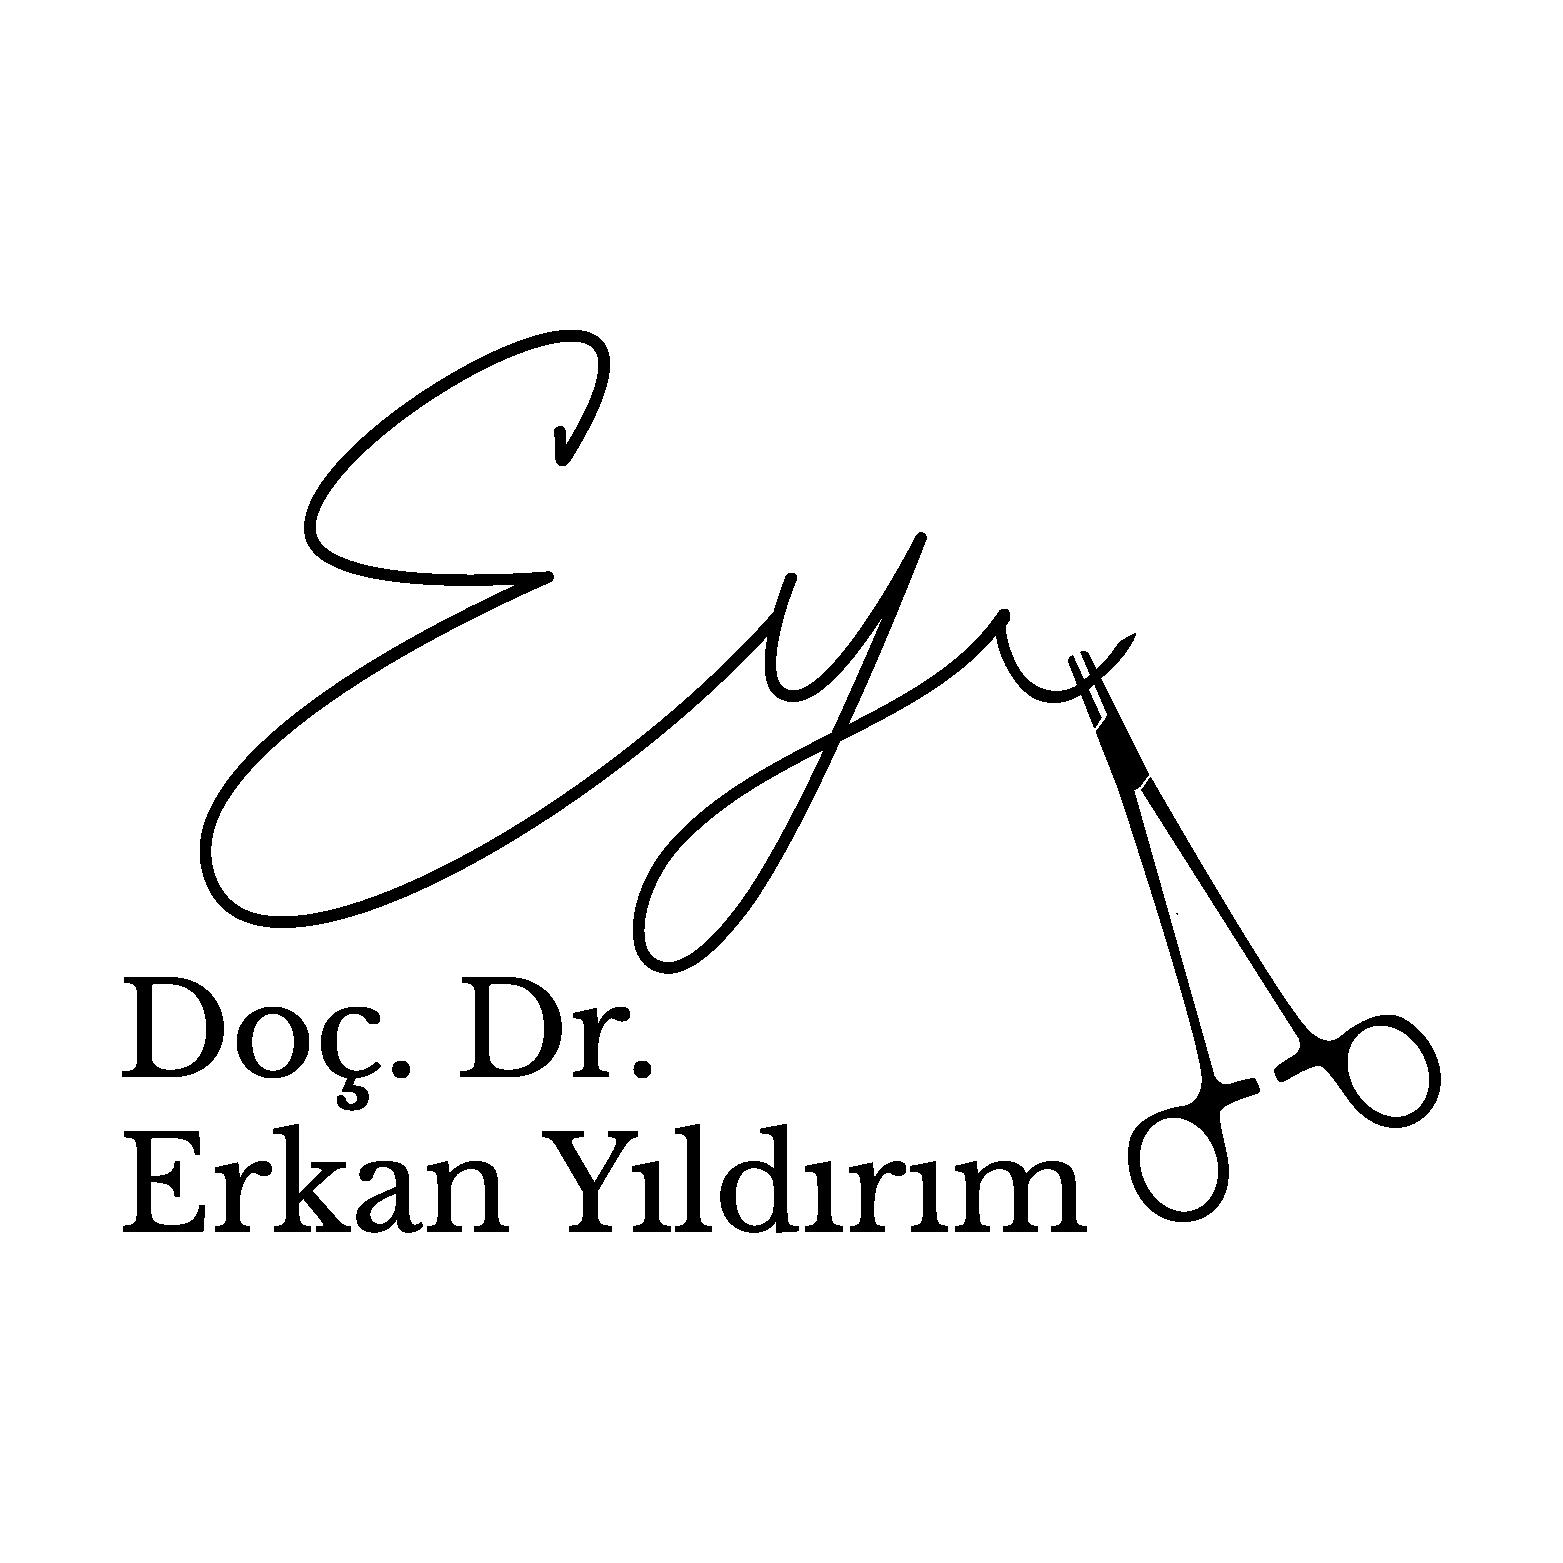 Doc. Dr. Erkan Yildirim